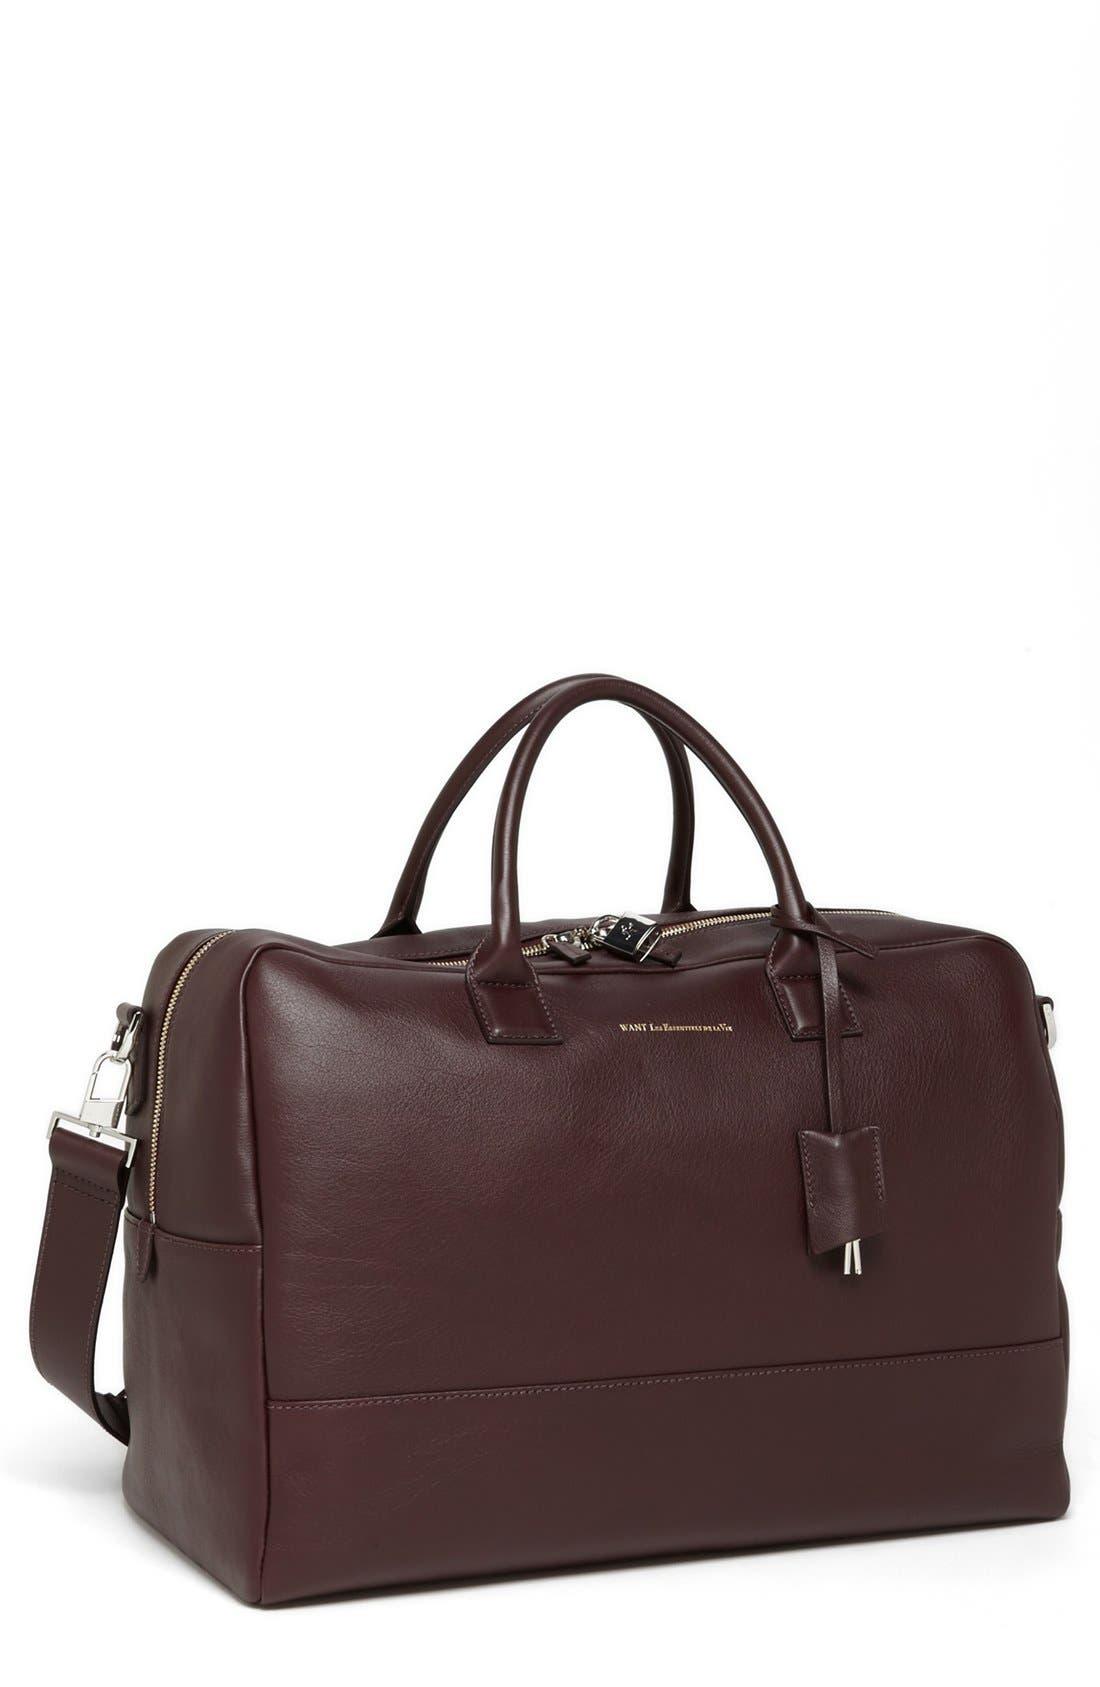 Alternate Image 1 Selected - WANT Les Essentiels de la Vie 'Douglas' Leather Carryall Bag